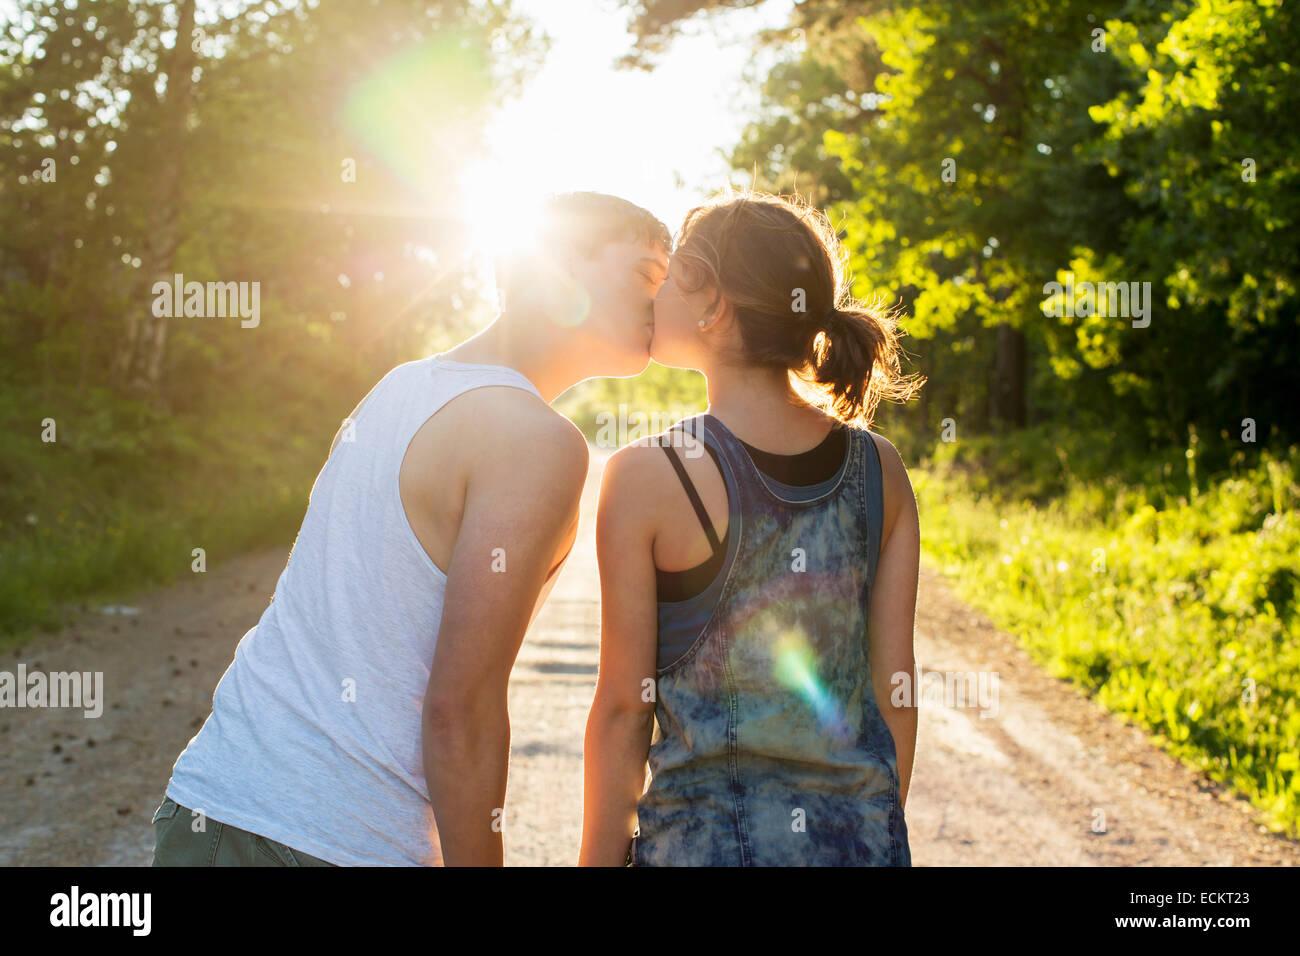 Vista trasera de la pareja besándose en camino de tierra contra el sol brillante Imagen De Stock